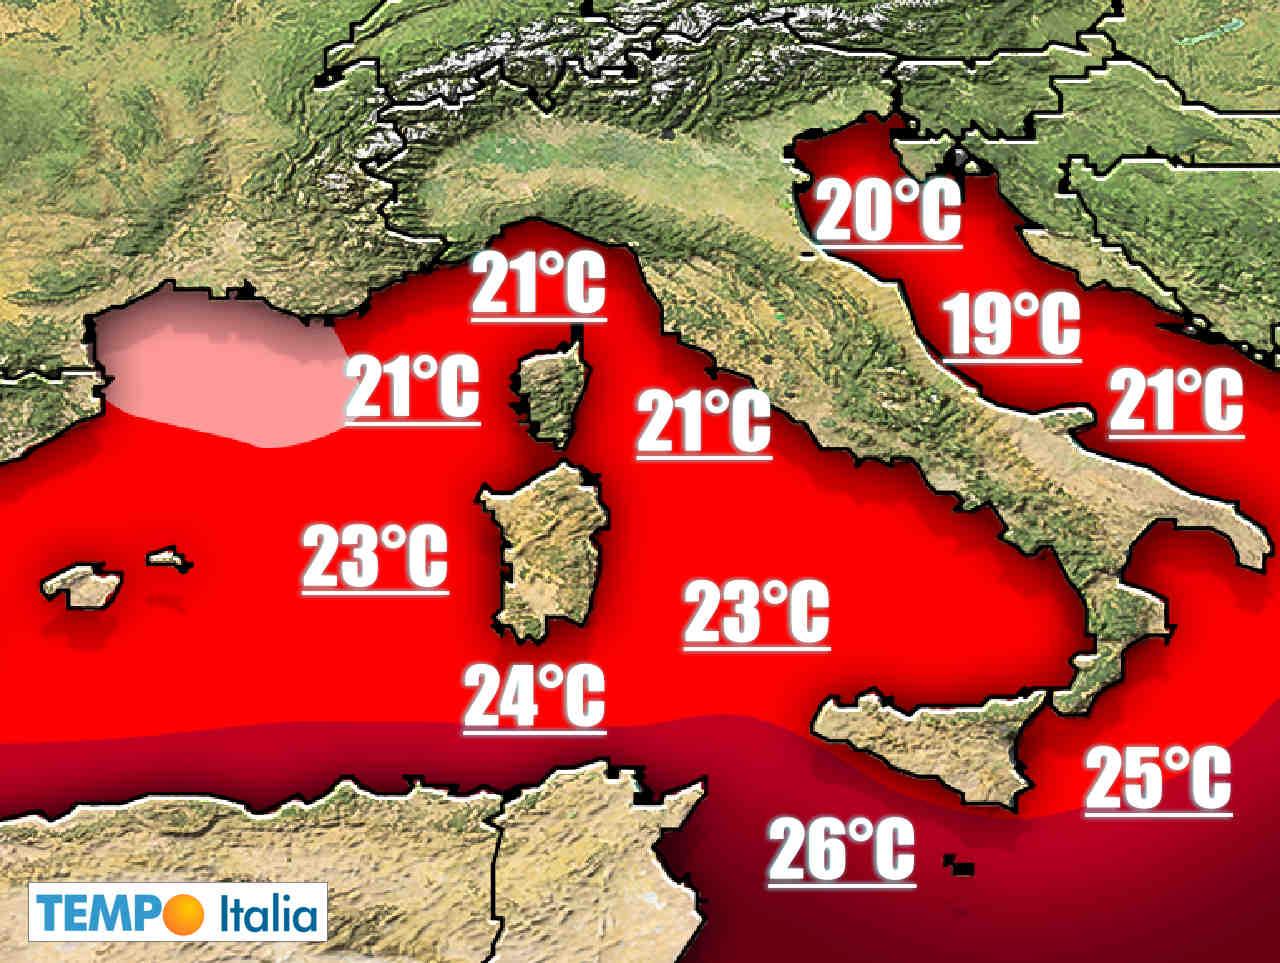 temperature mediterraneo elevate rischio meteo estremo 2 - Meteo Italia, Mediterraneo troppo caldo, aumenta il rischio alluvioni